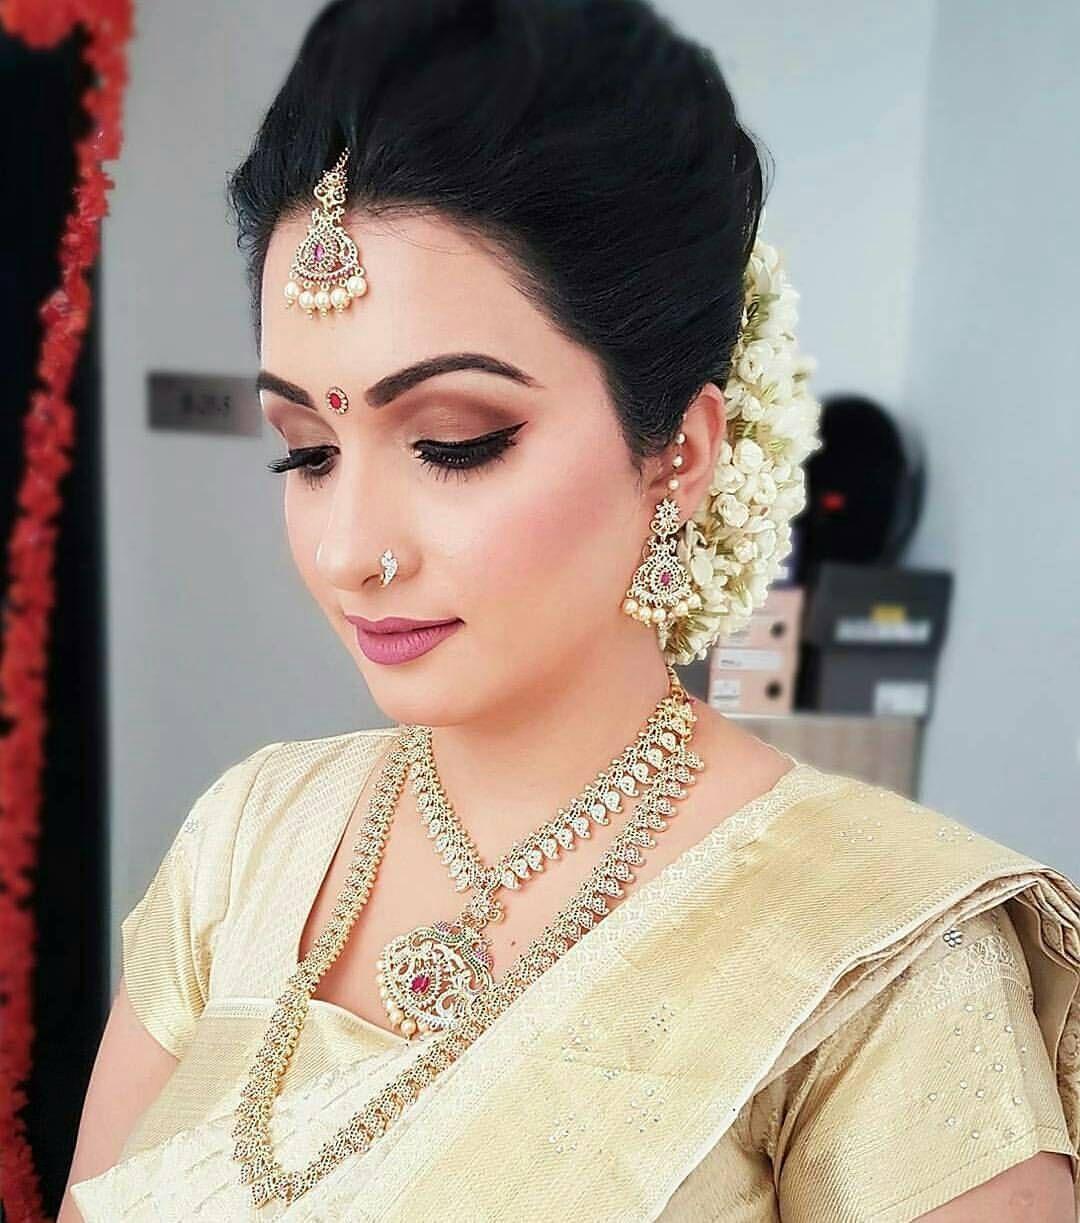 Suhasini in gundla haram jewellery designs - 31 Likerklikk 2 Kommentarer Allprettythings Mythicalmoth P Instagram Stunning